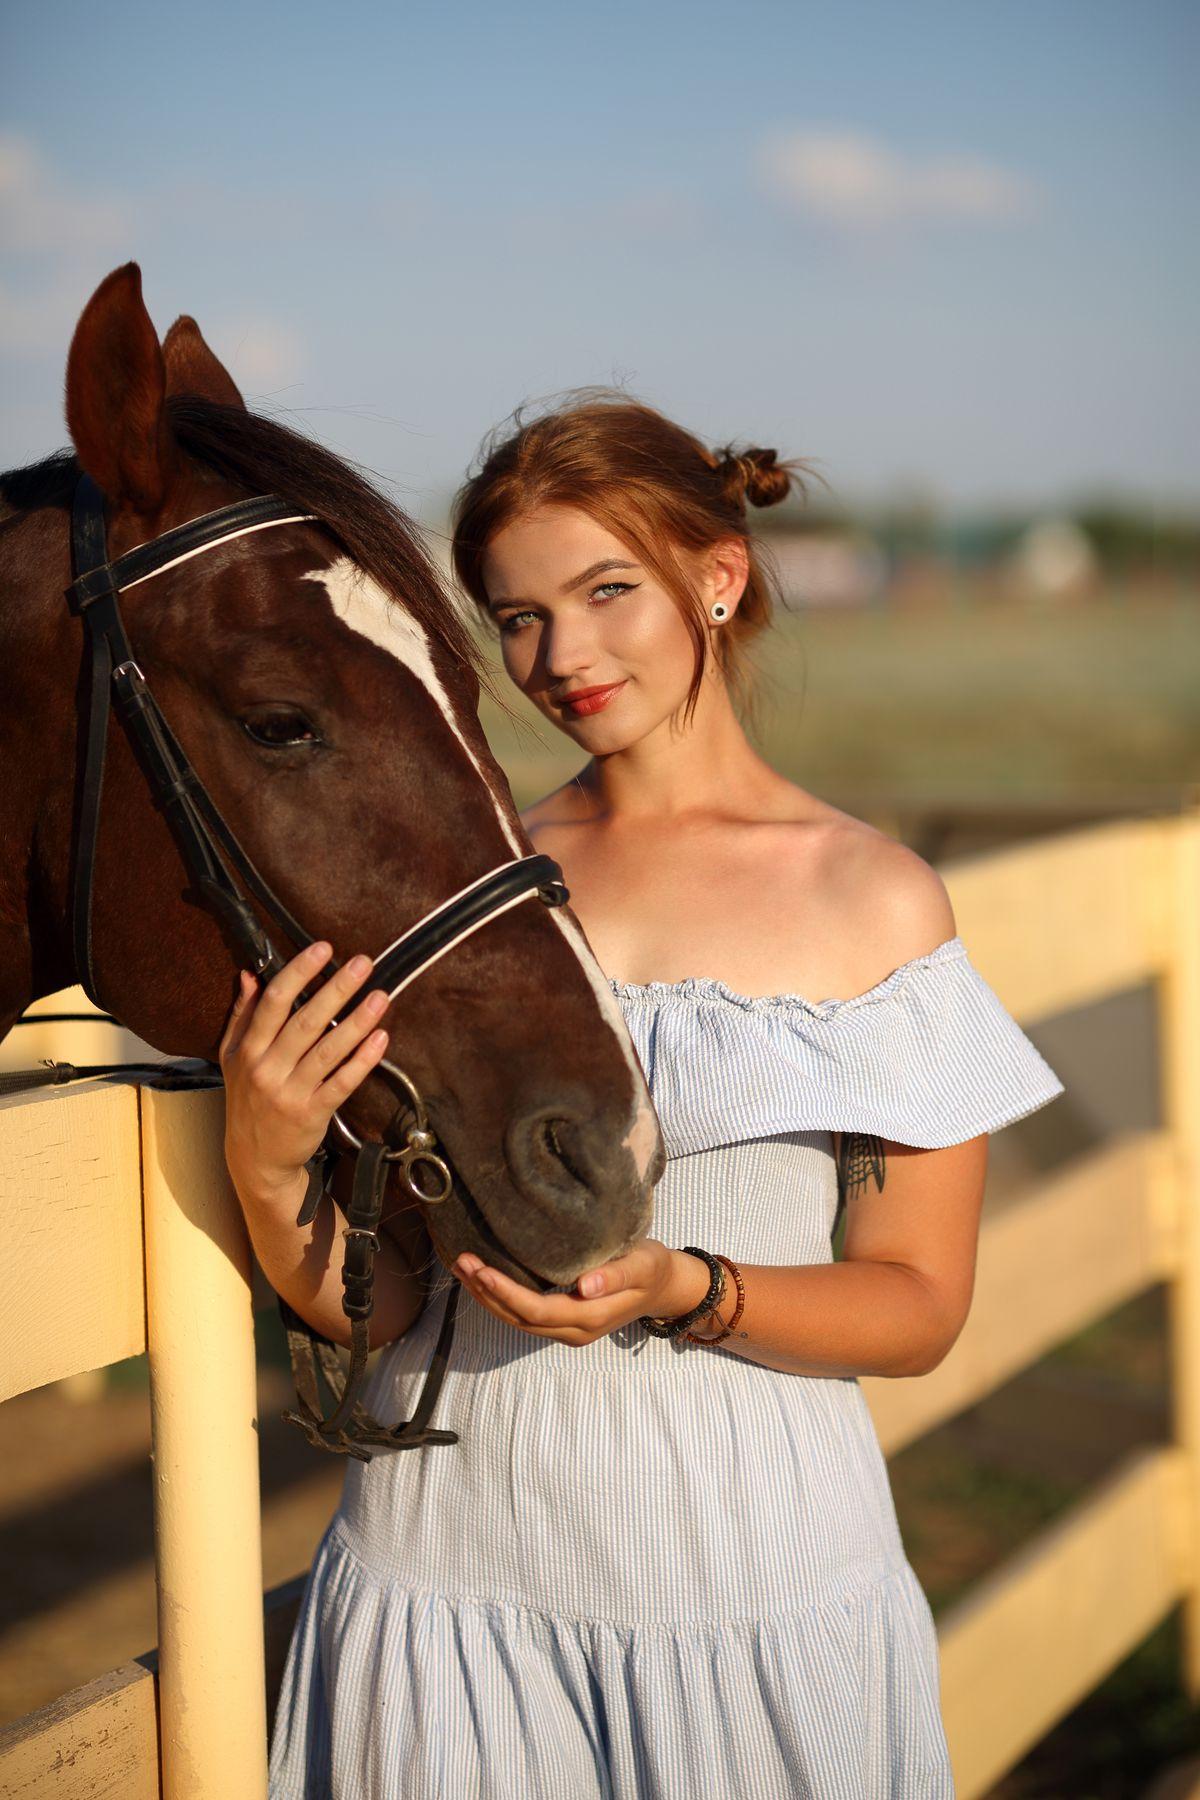 Анна портрет девушка модель